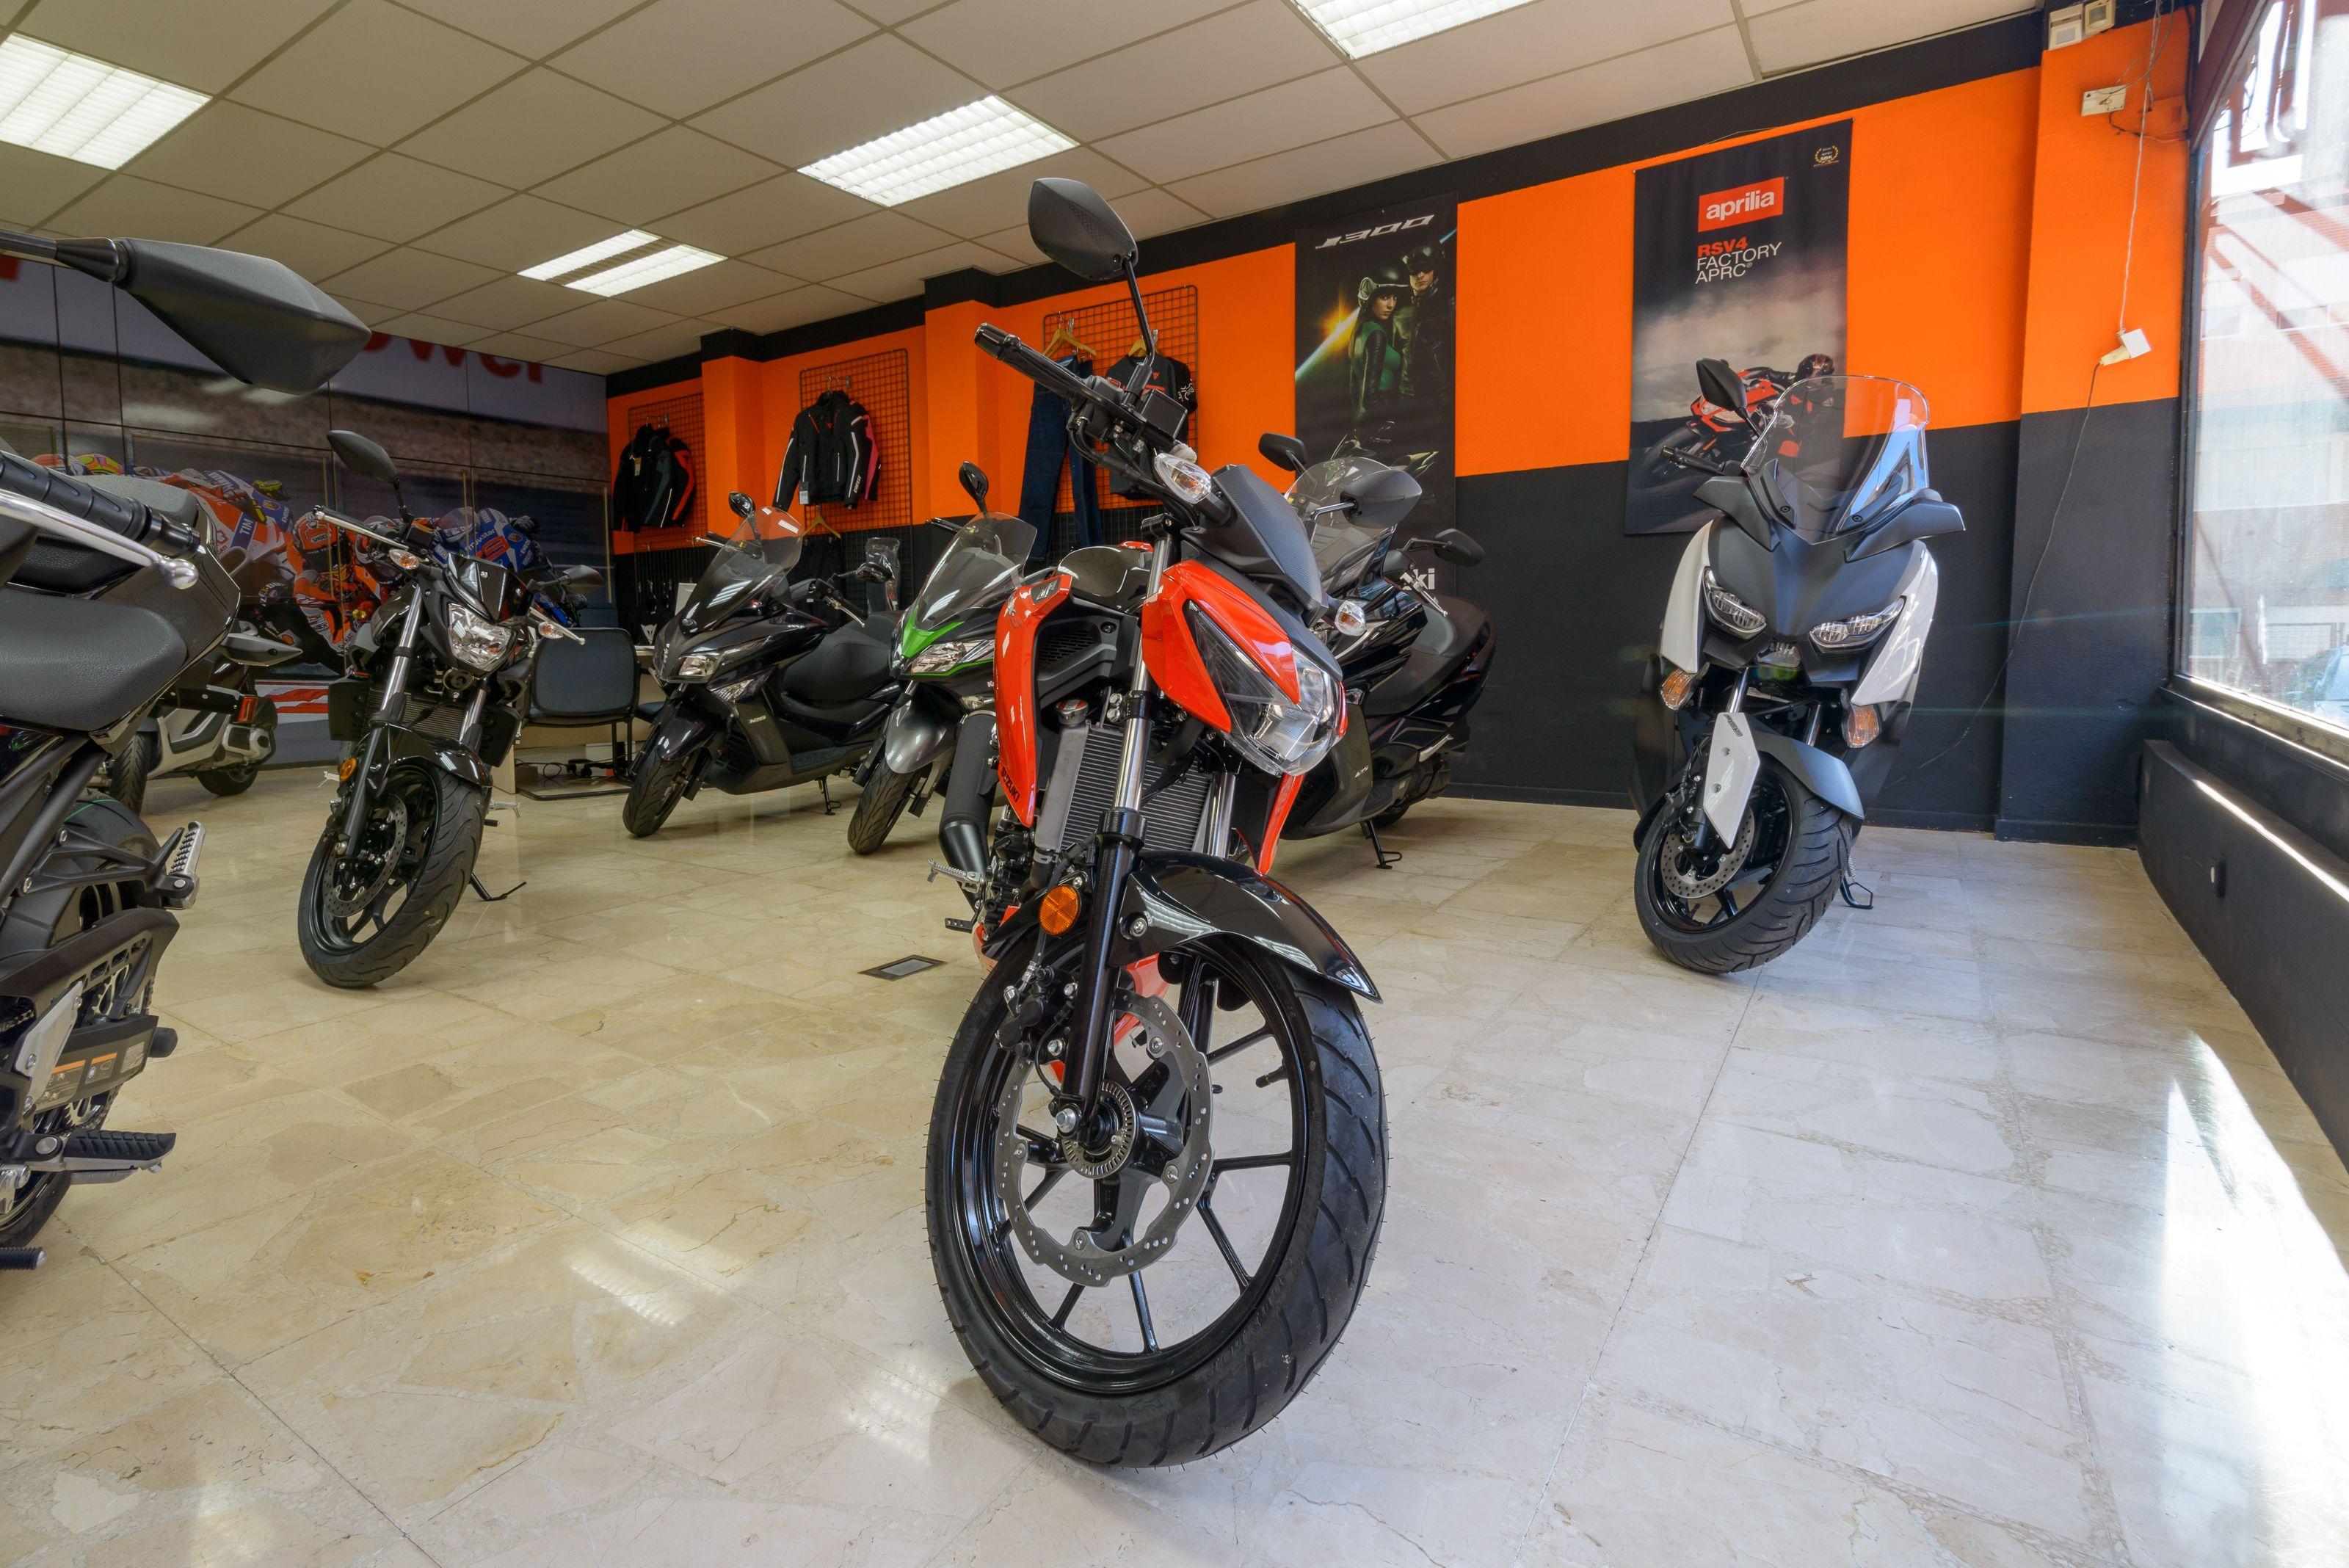 Un gran espacio para escoger la moto de tus sueños en Alcobendas